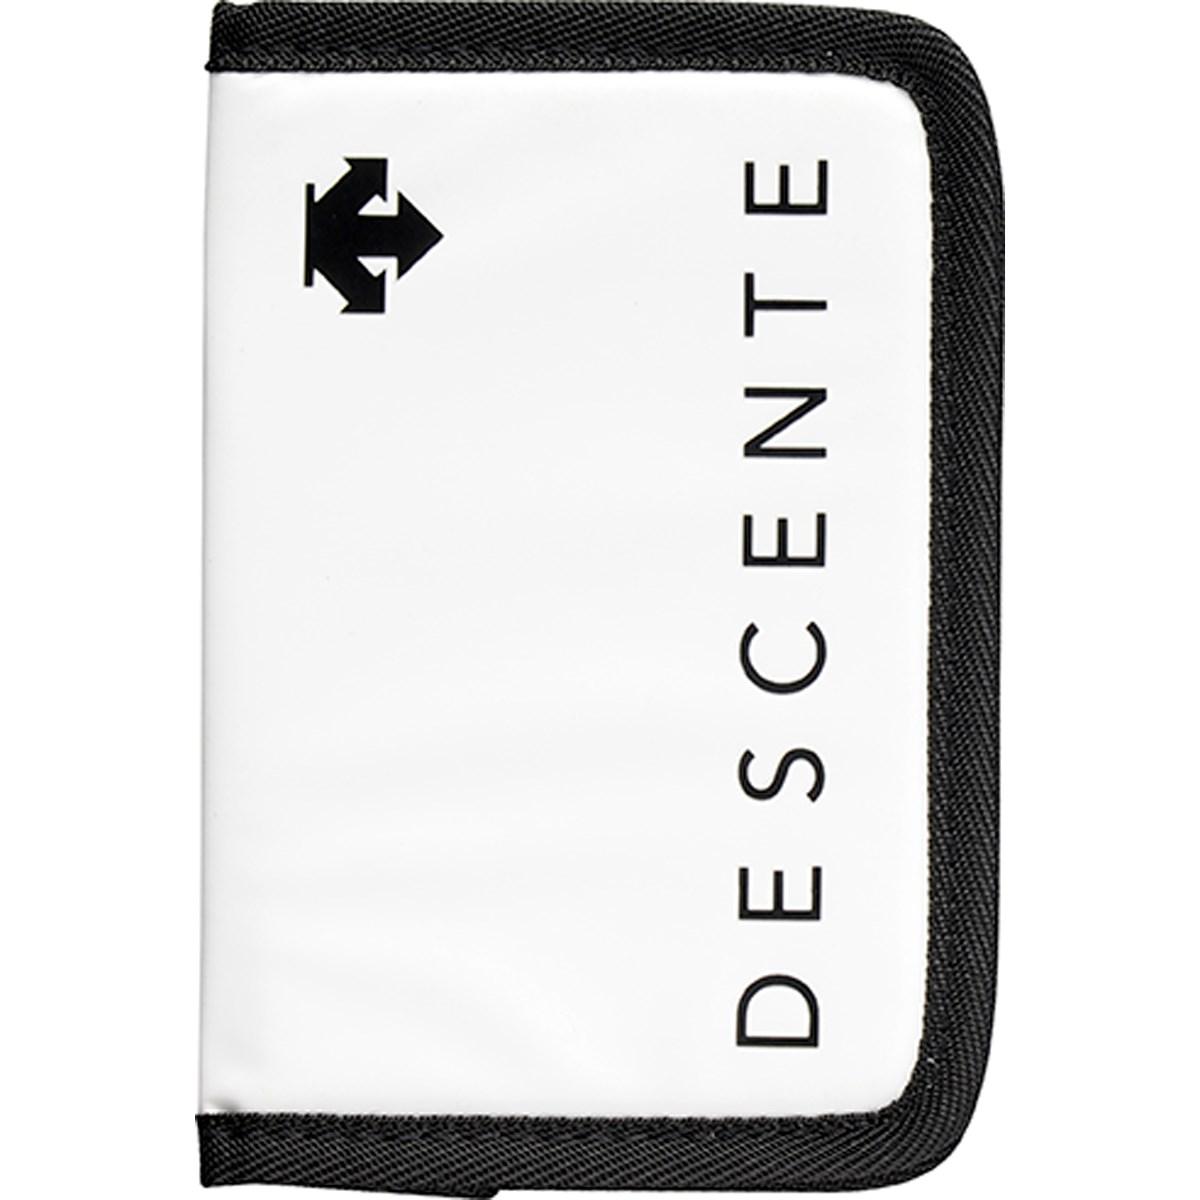 デサントゴルフ DESCENTE GOLF スコアカードケース ホワイト 00